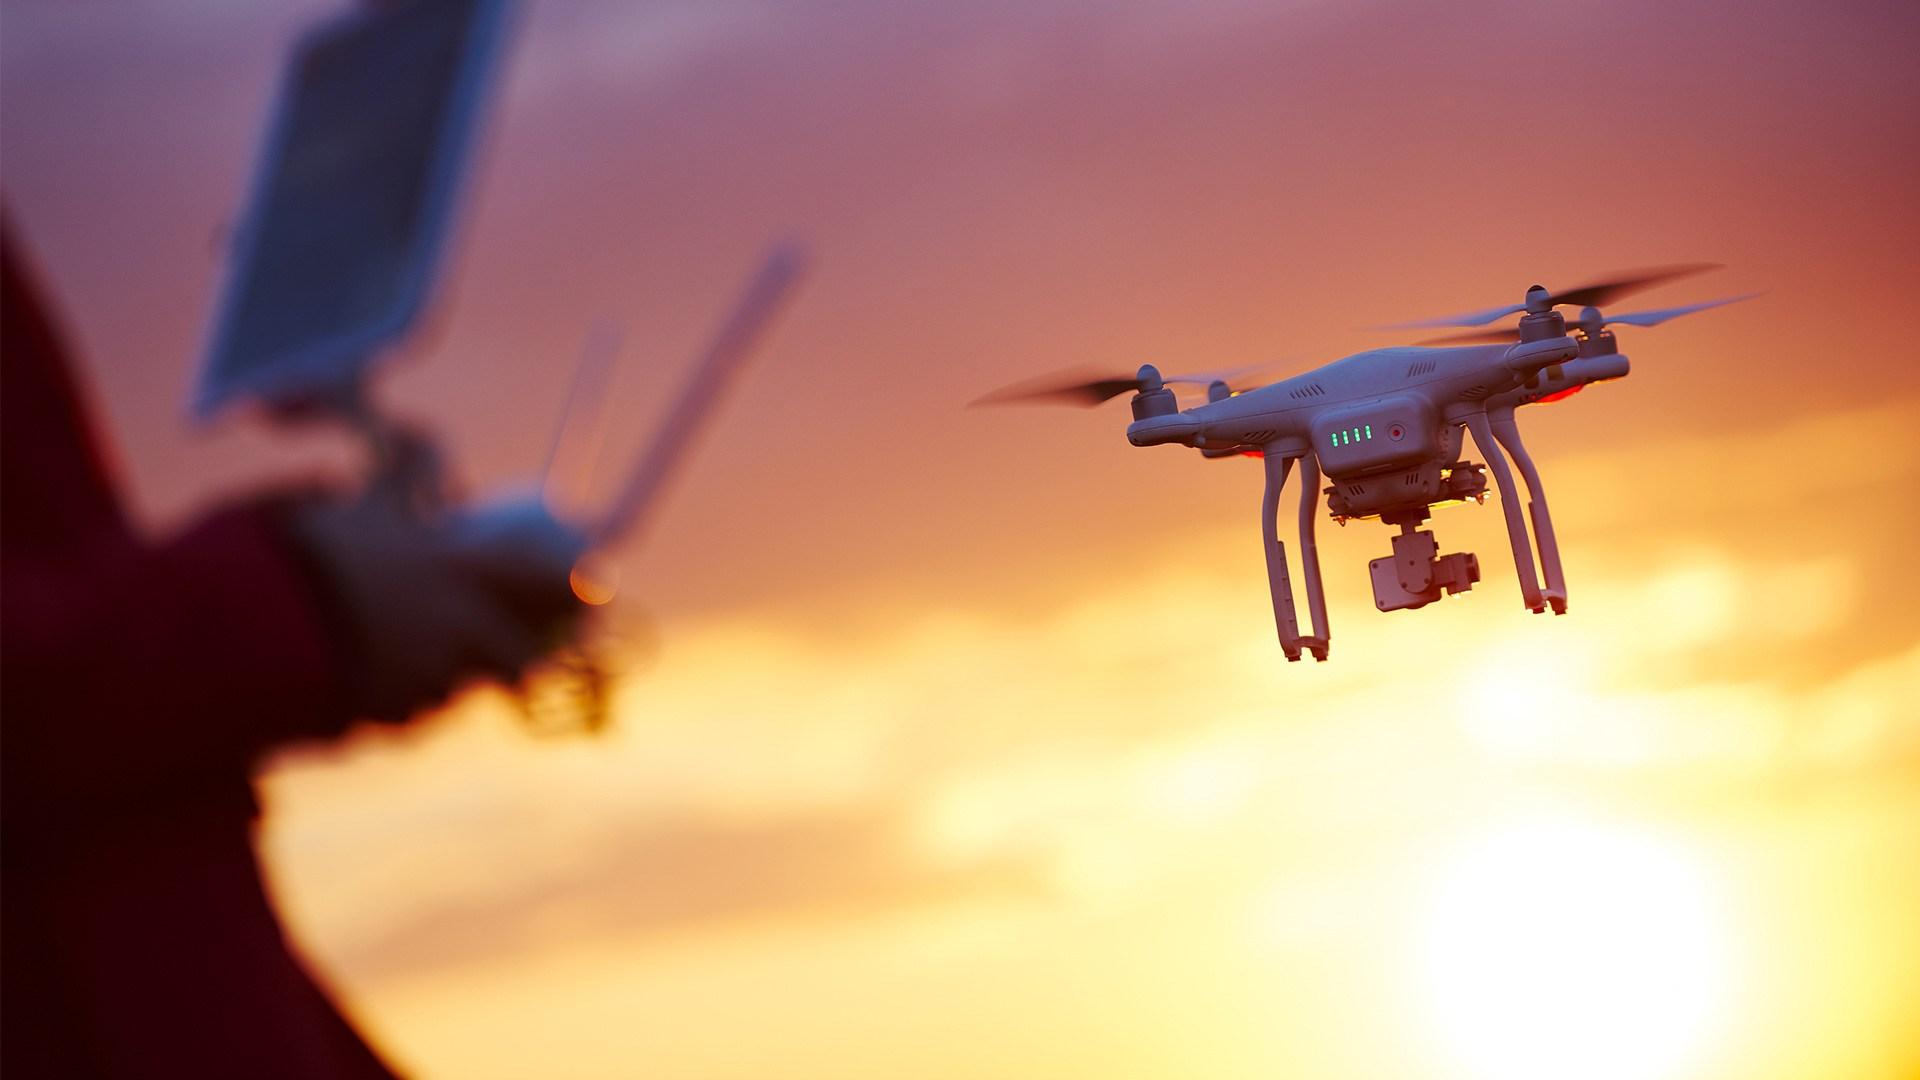 http://cedd.pl/wp-content/uploads/2019/03/image-for-drone-blog.jpg